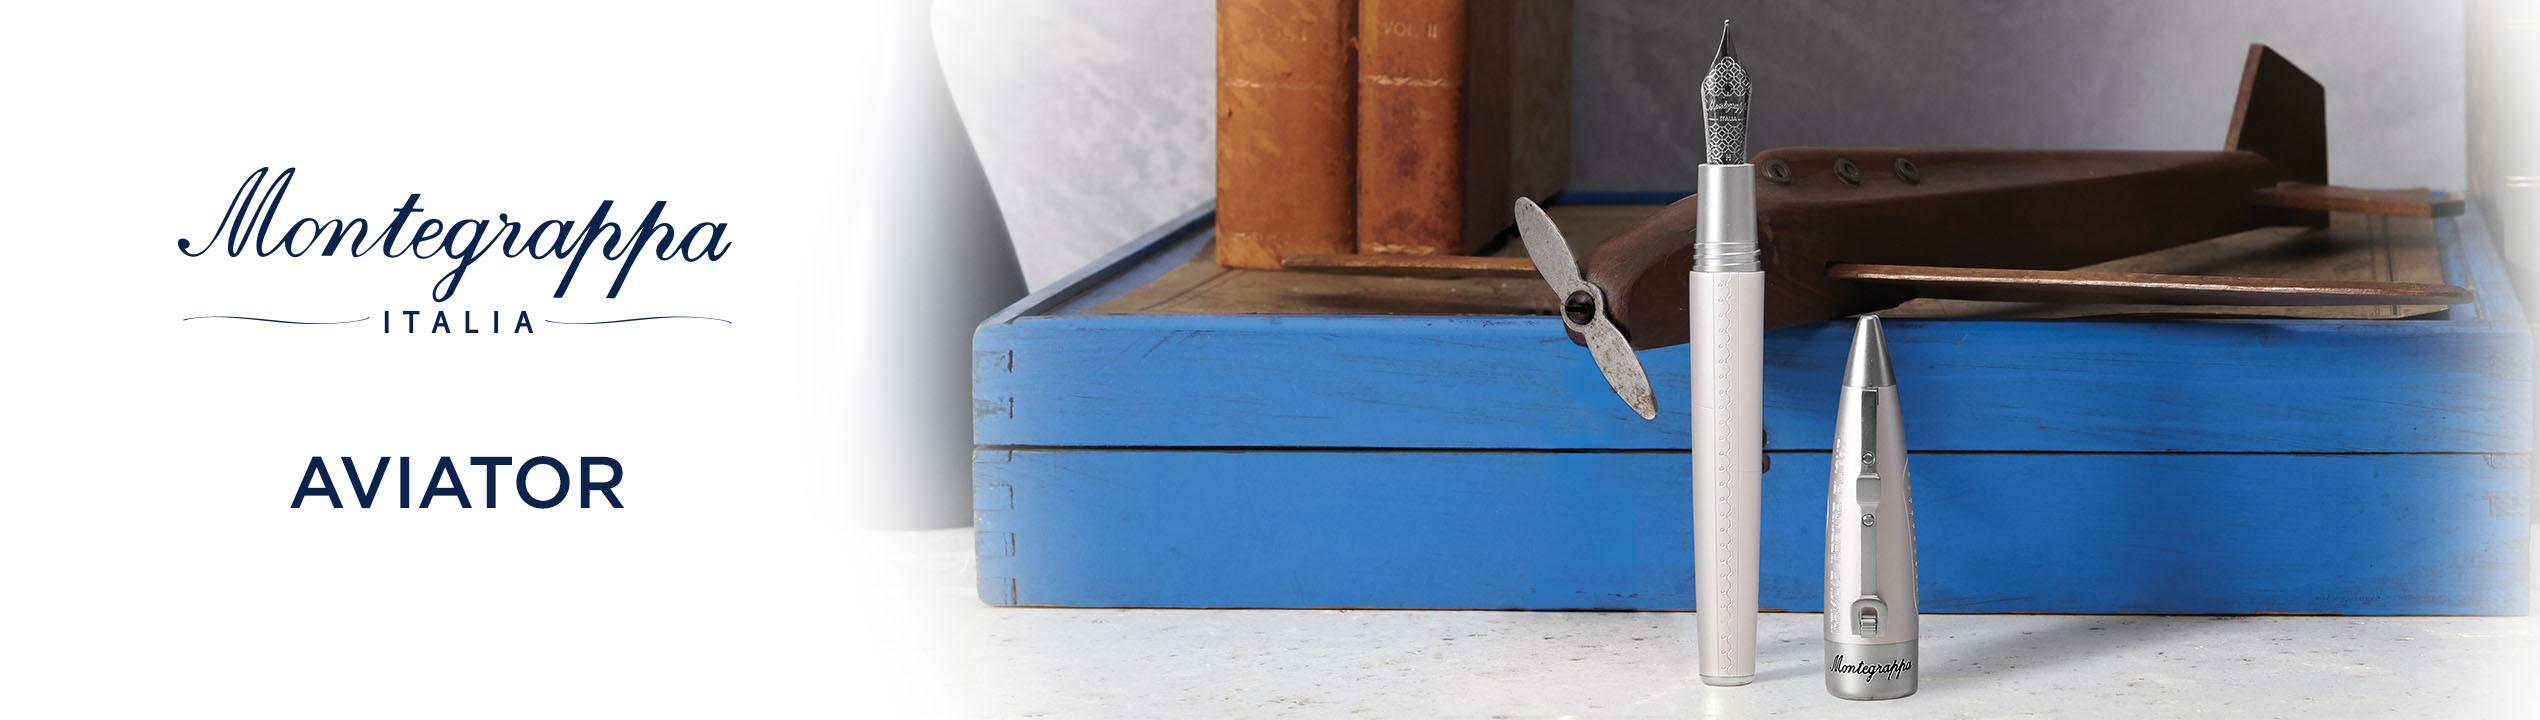 Категория приборы для письма Блок 1